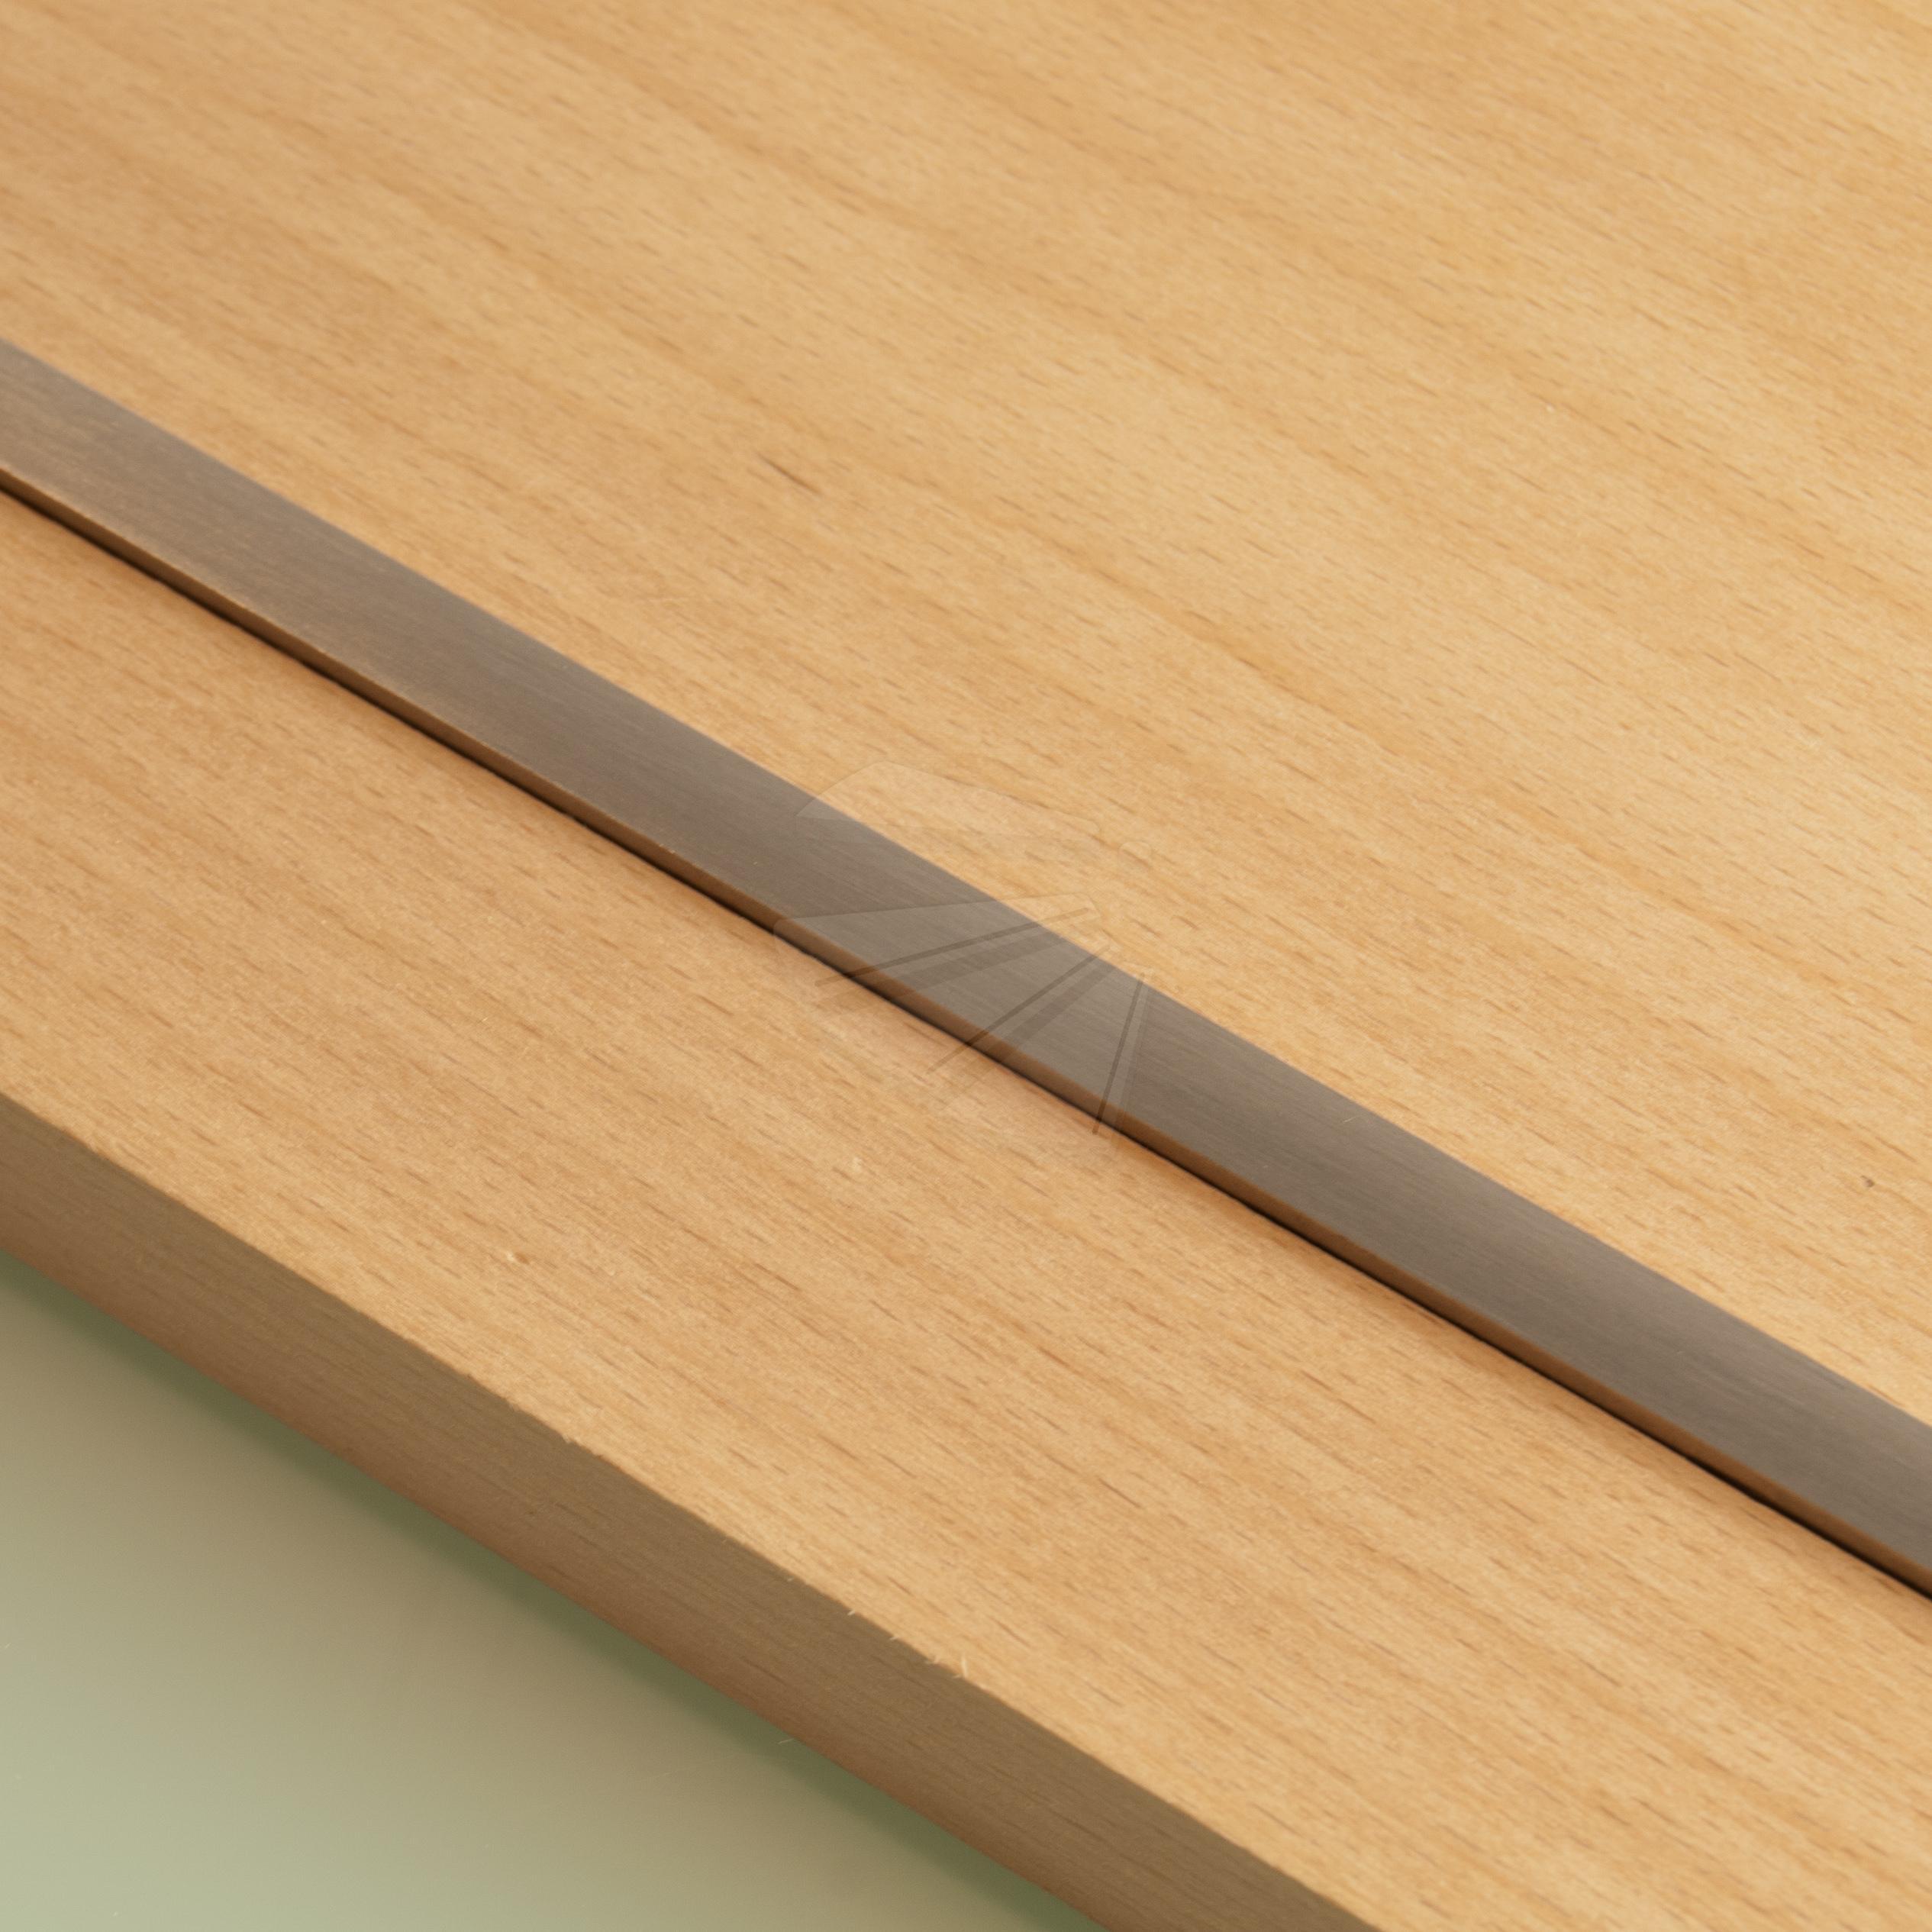 Rvs trapstrip 8mm x 700mm for Hout voor traptreden